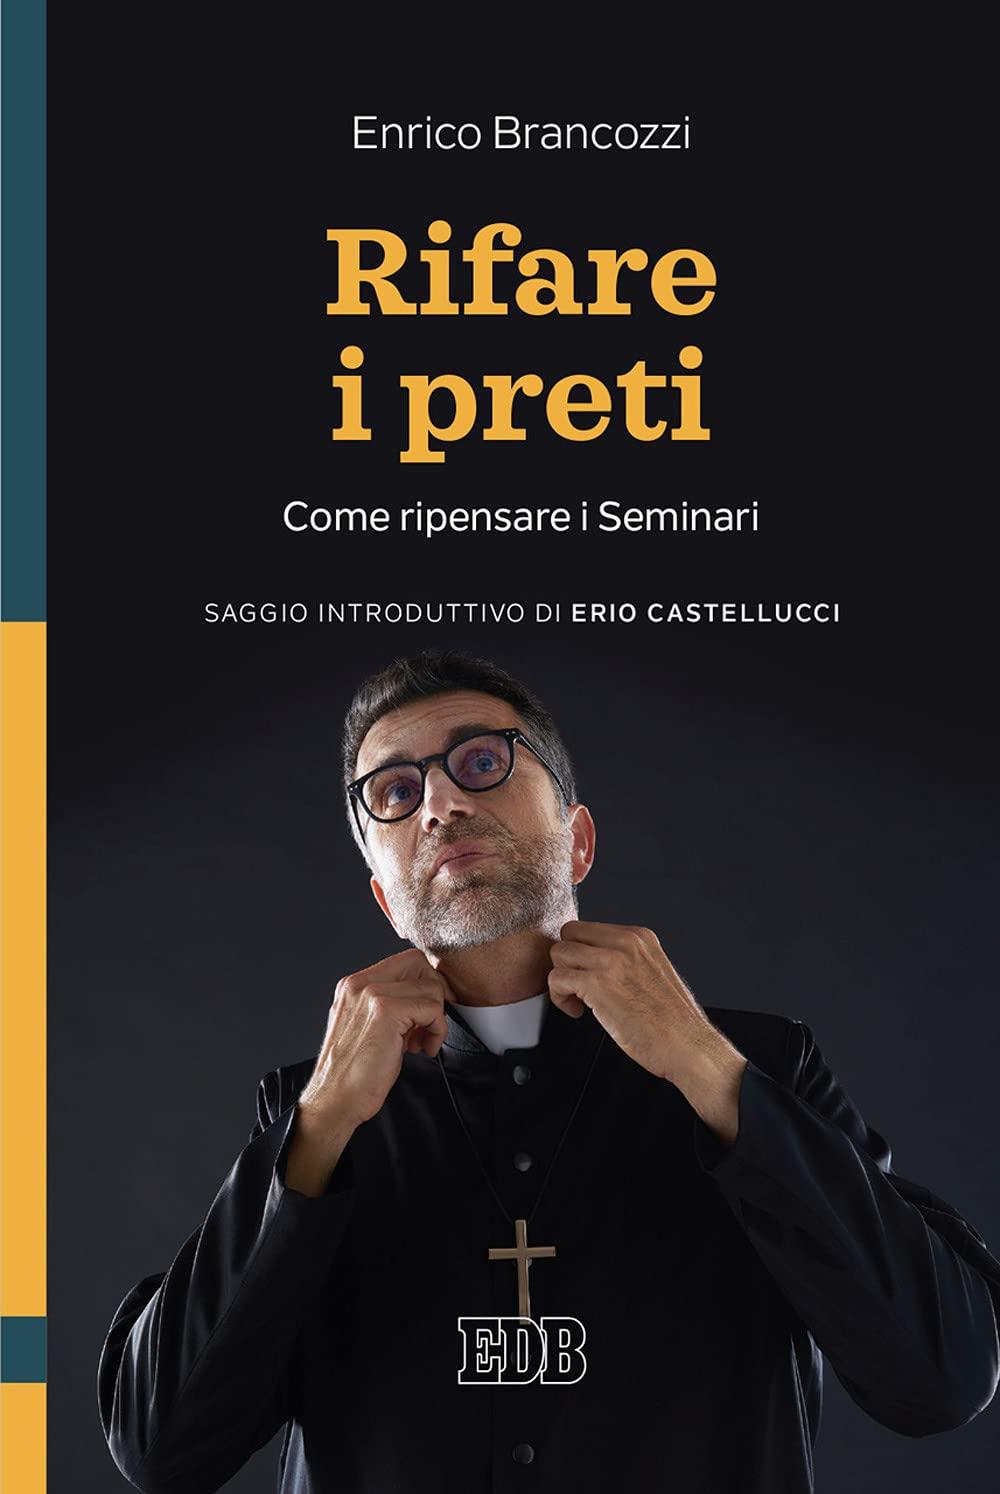 Rifare i preti. Come ripensare i Seminari : Brancozzi, Enrico, Castellucci, Erio: Amazon.it: Libri